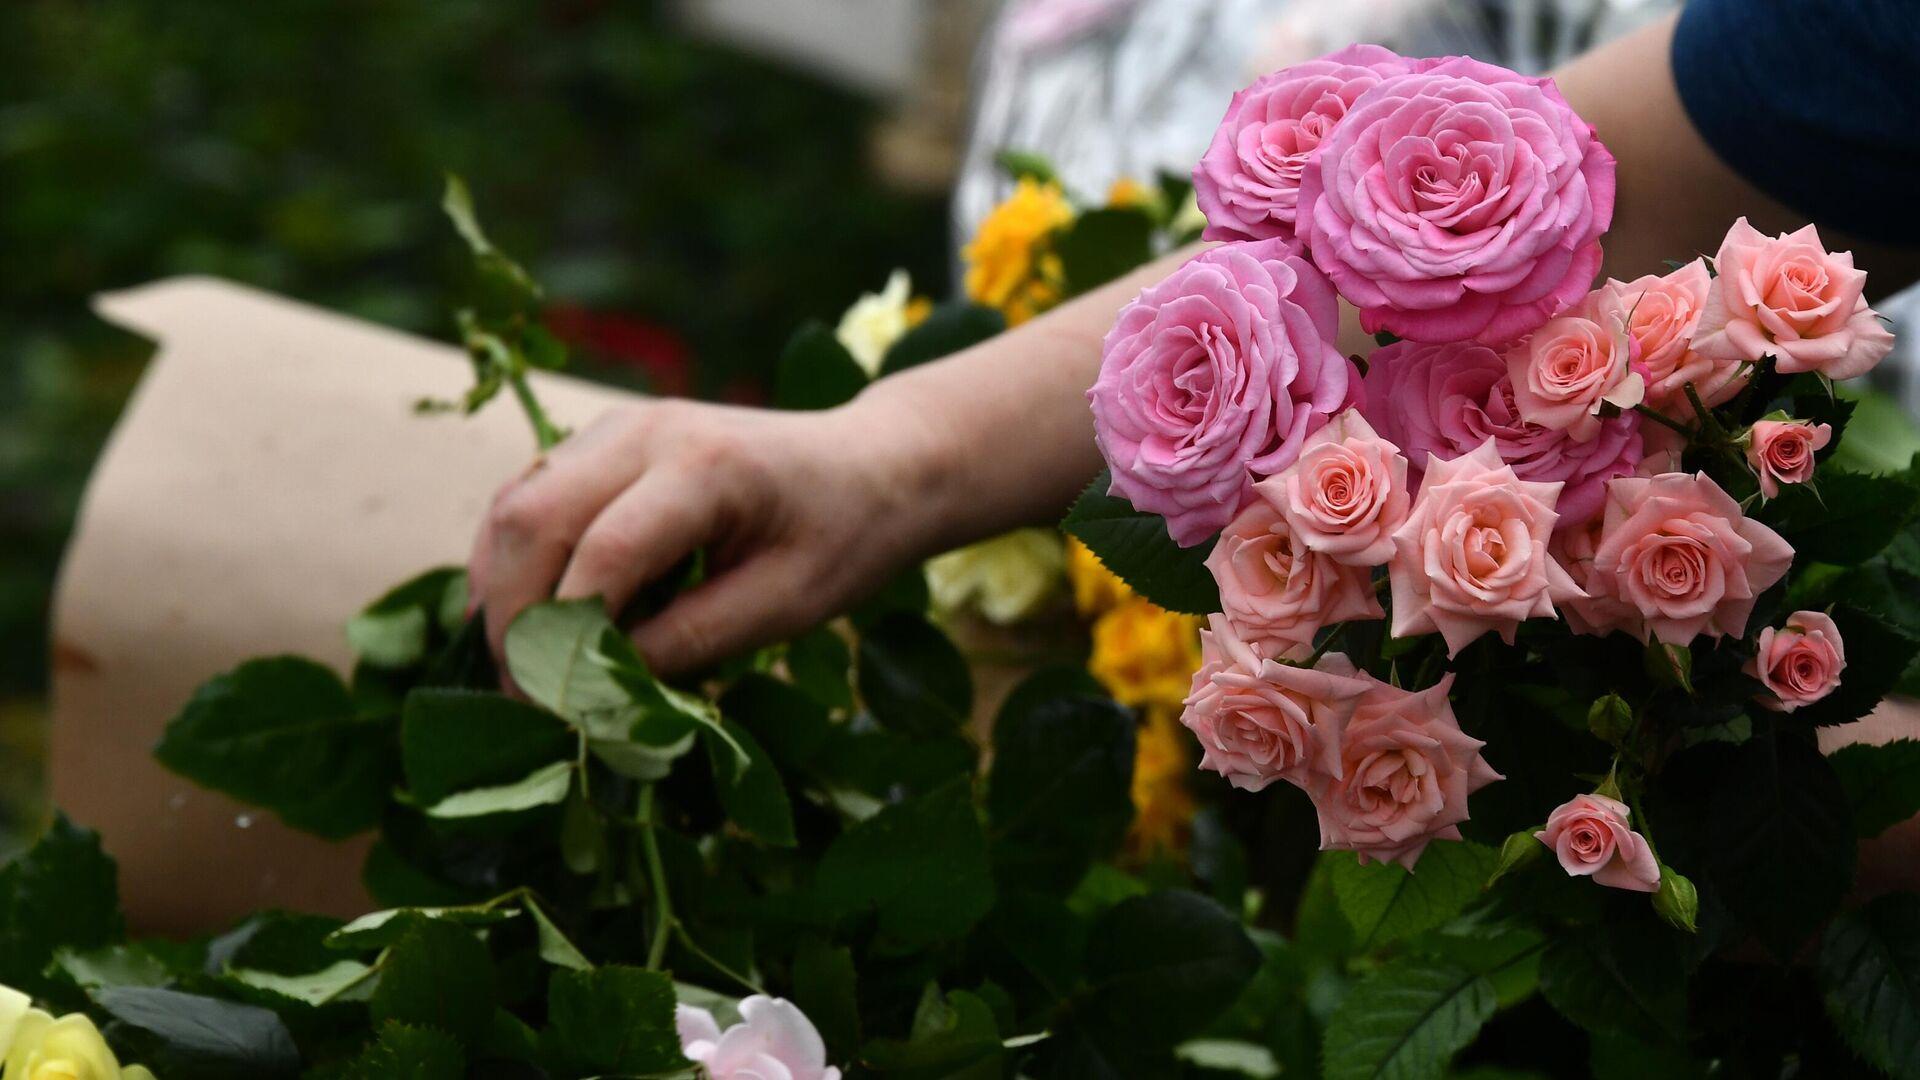 Сотрудница держит в руках розы, выращенные к Международному женскому дню на предприятии ГБУ Озеленение в Московской области - РИА Новости, 1920, 23.03.2021